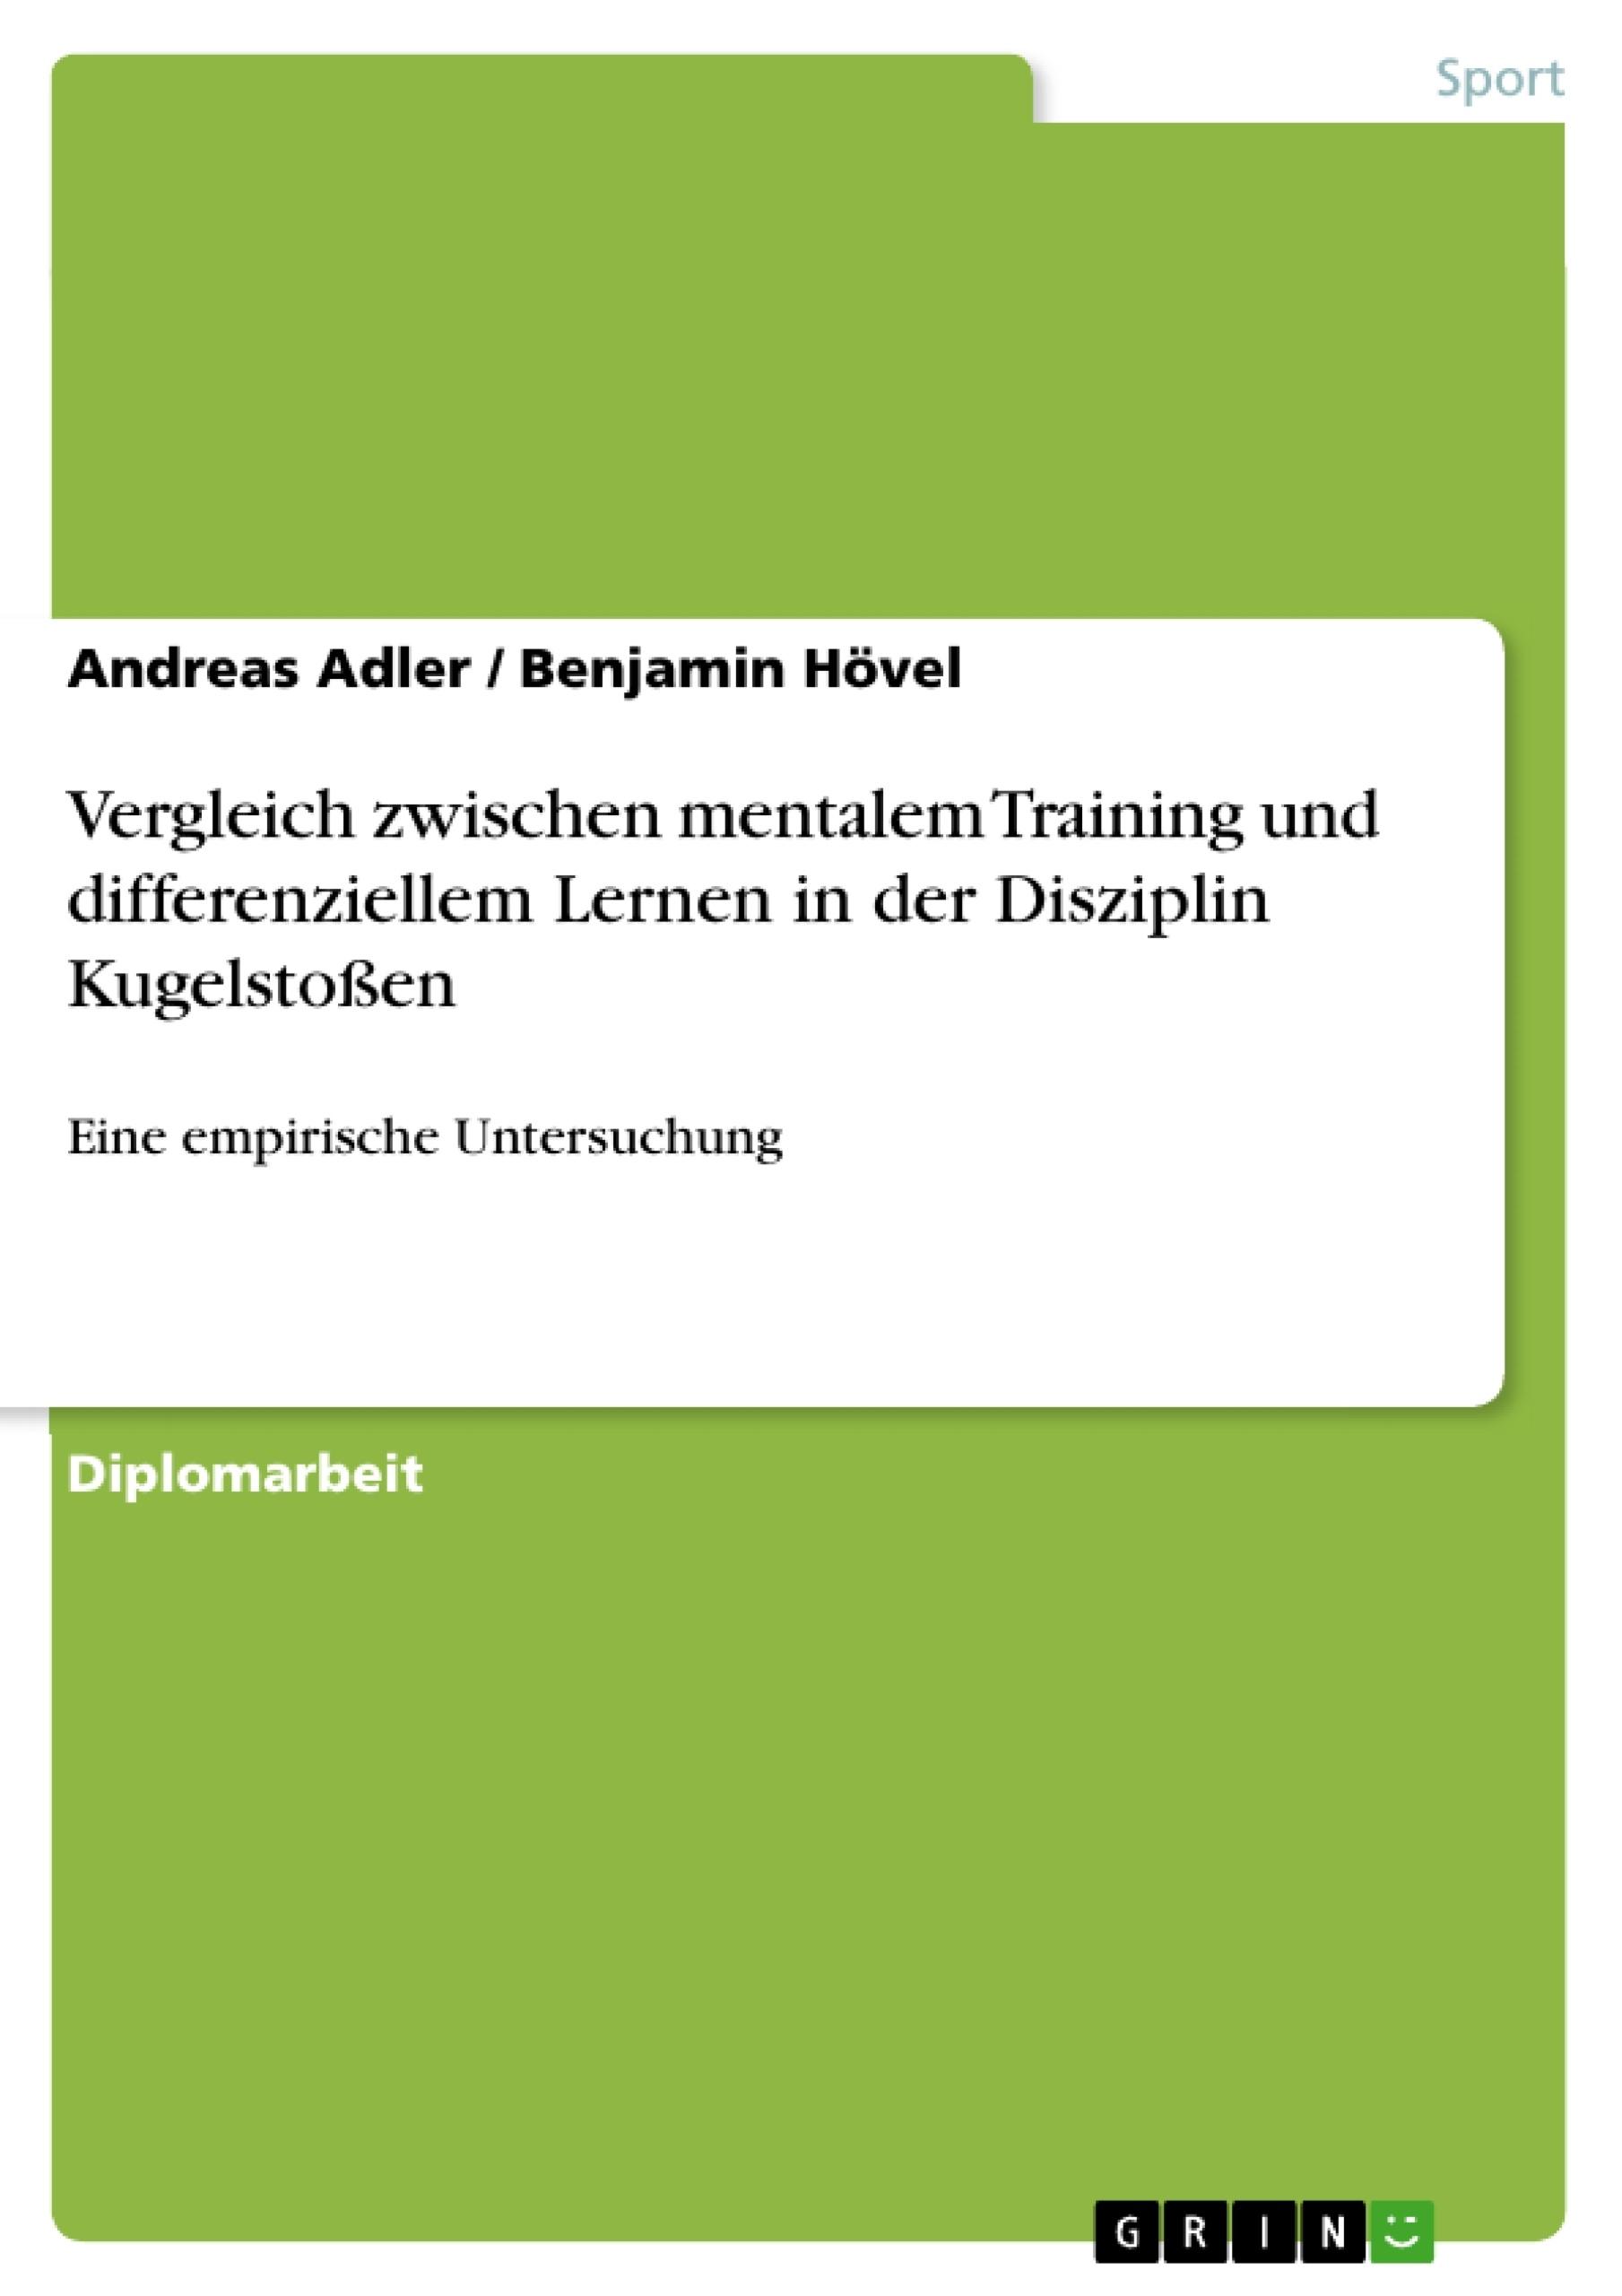 Titel: Vergleich zwischen mentalem Training und differenziellem Lernen in der Disziplin Kugelstoßen